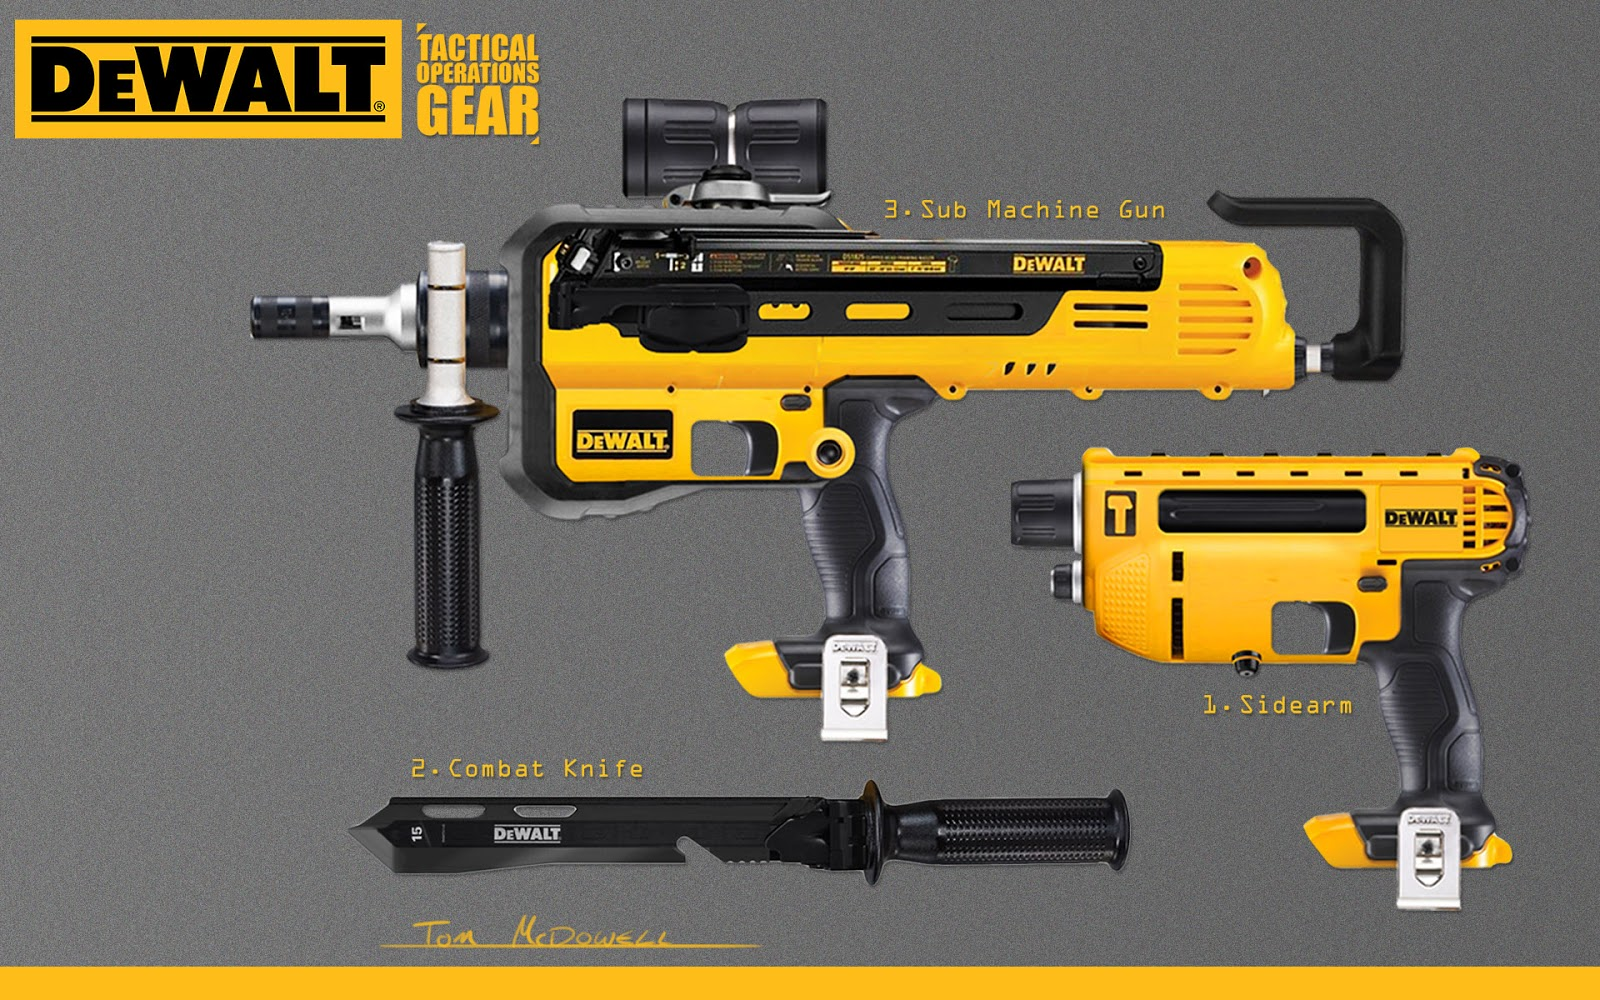 Tom McDowell: Dewalt Guns